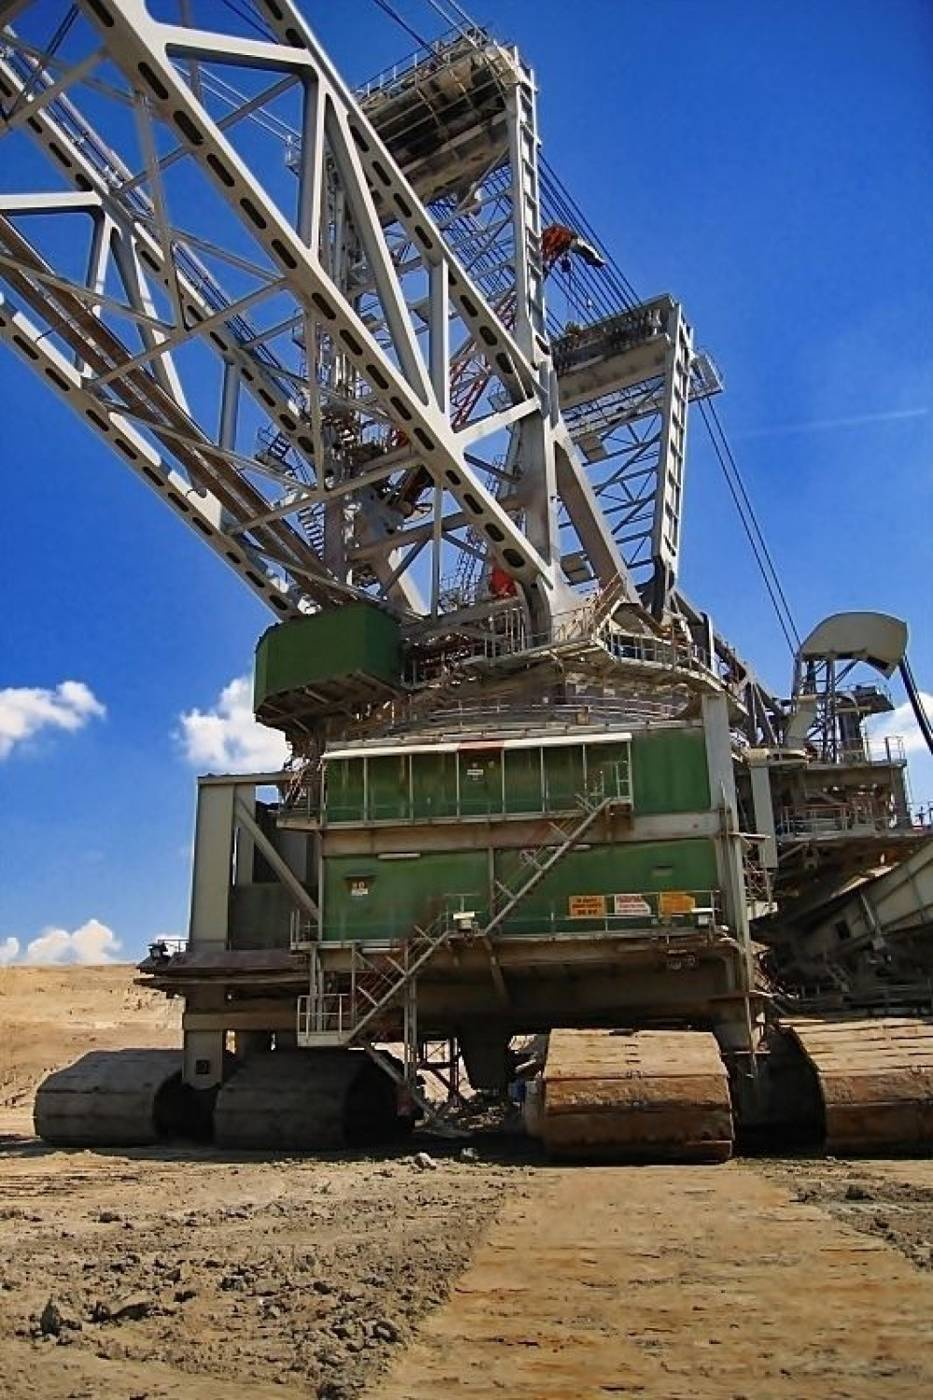 Zadaniem koparki jest zdejmowanie nadkładu i odsłonięcie złoża węgla brunatnego